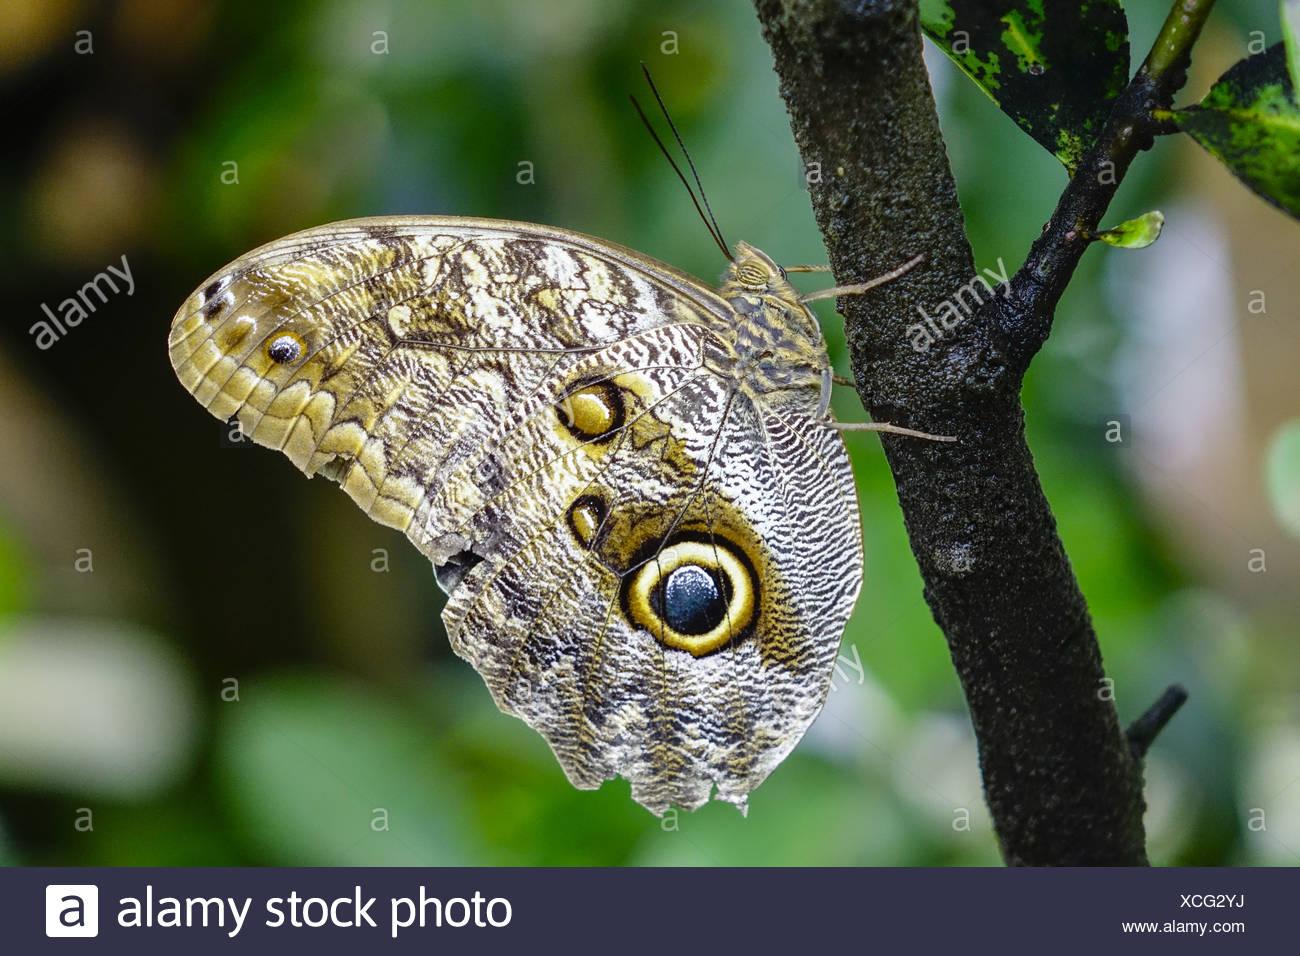 Tropischer Schmetterling, Bananenfalter (Caligo eurilochus) - Stock Image